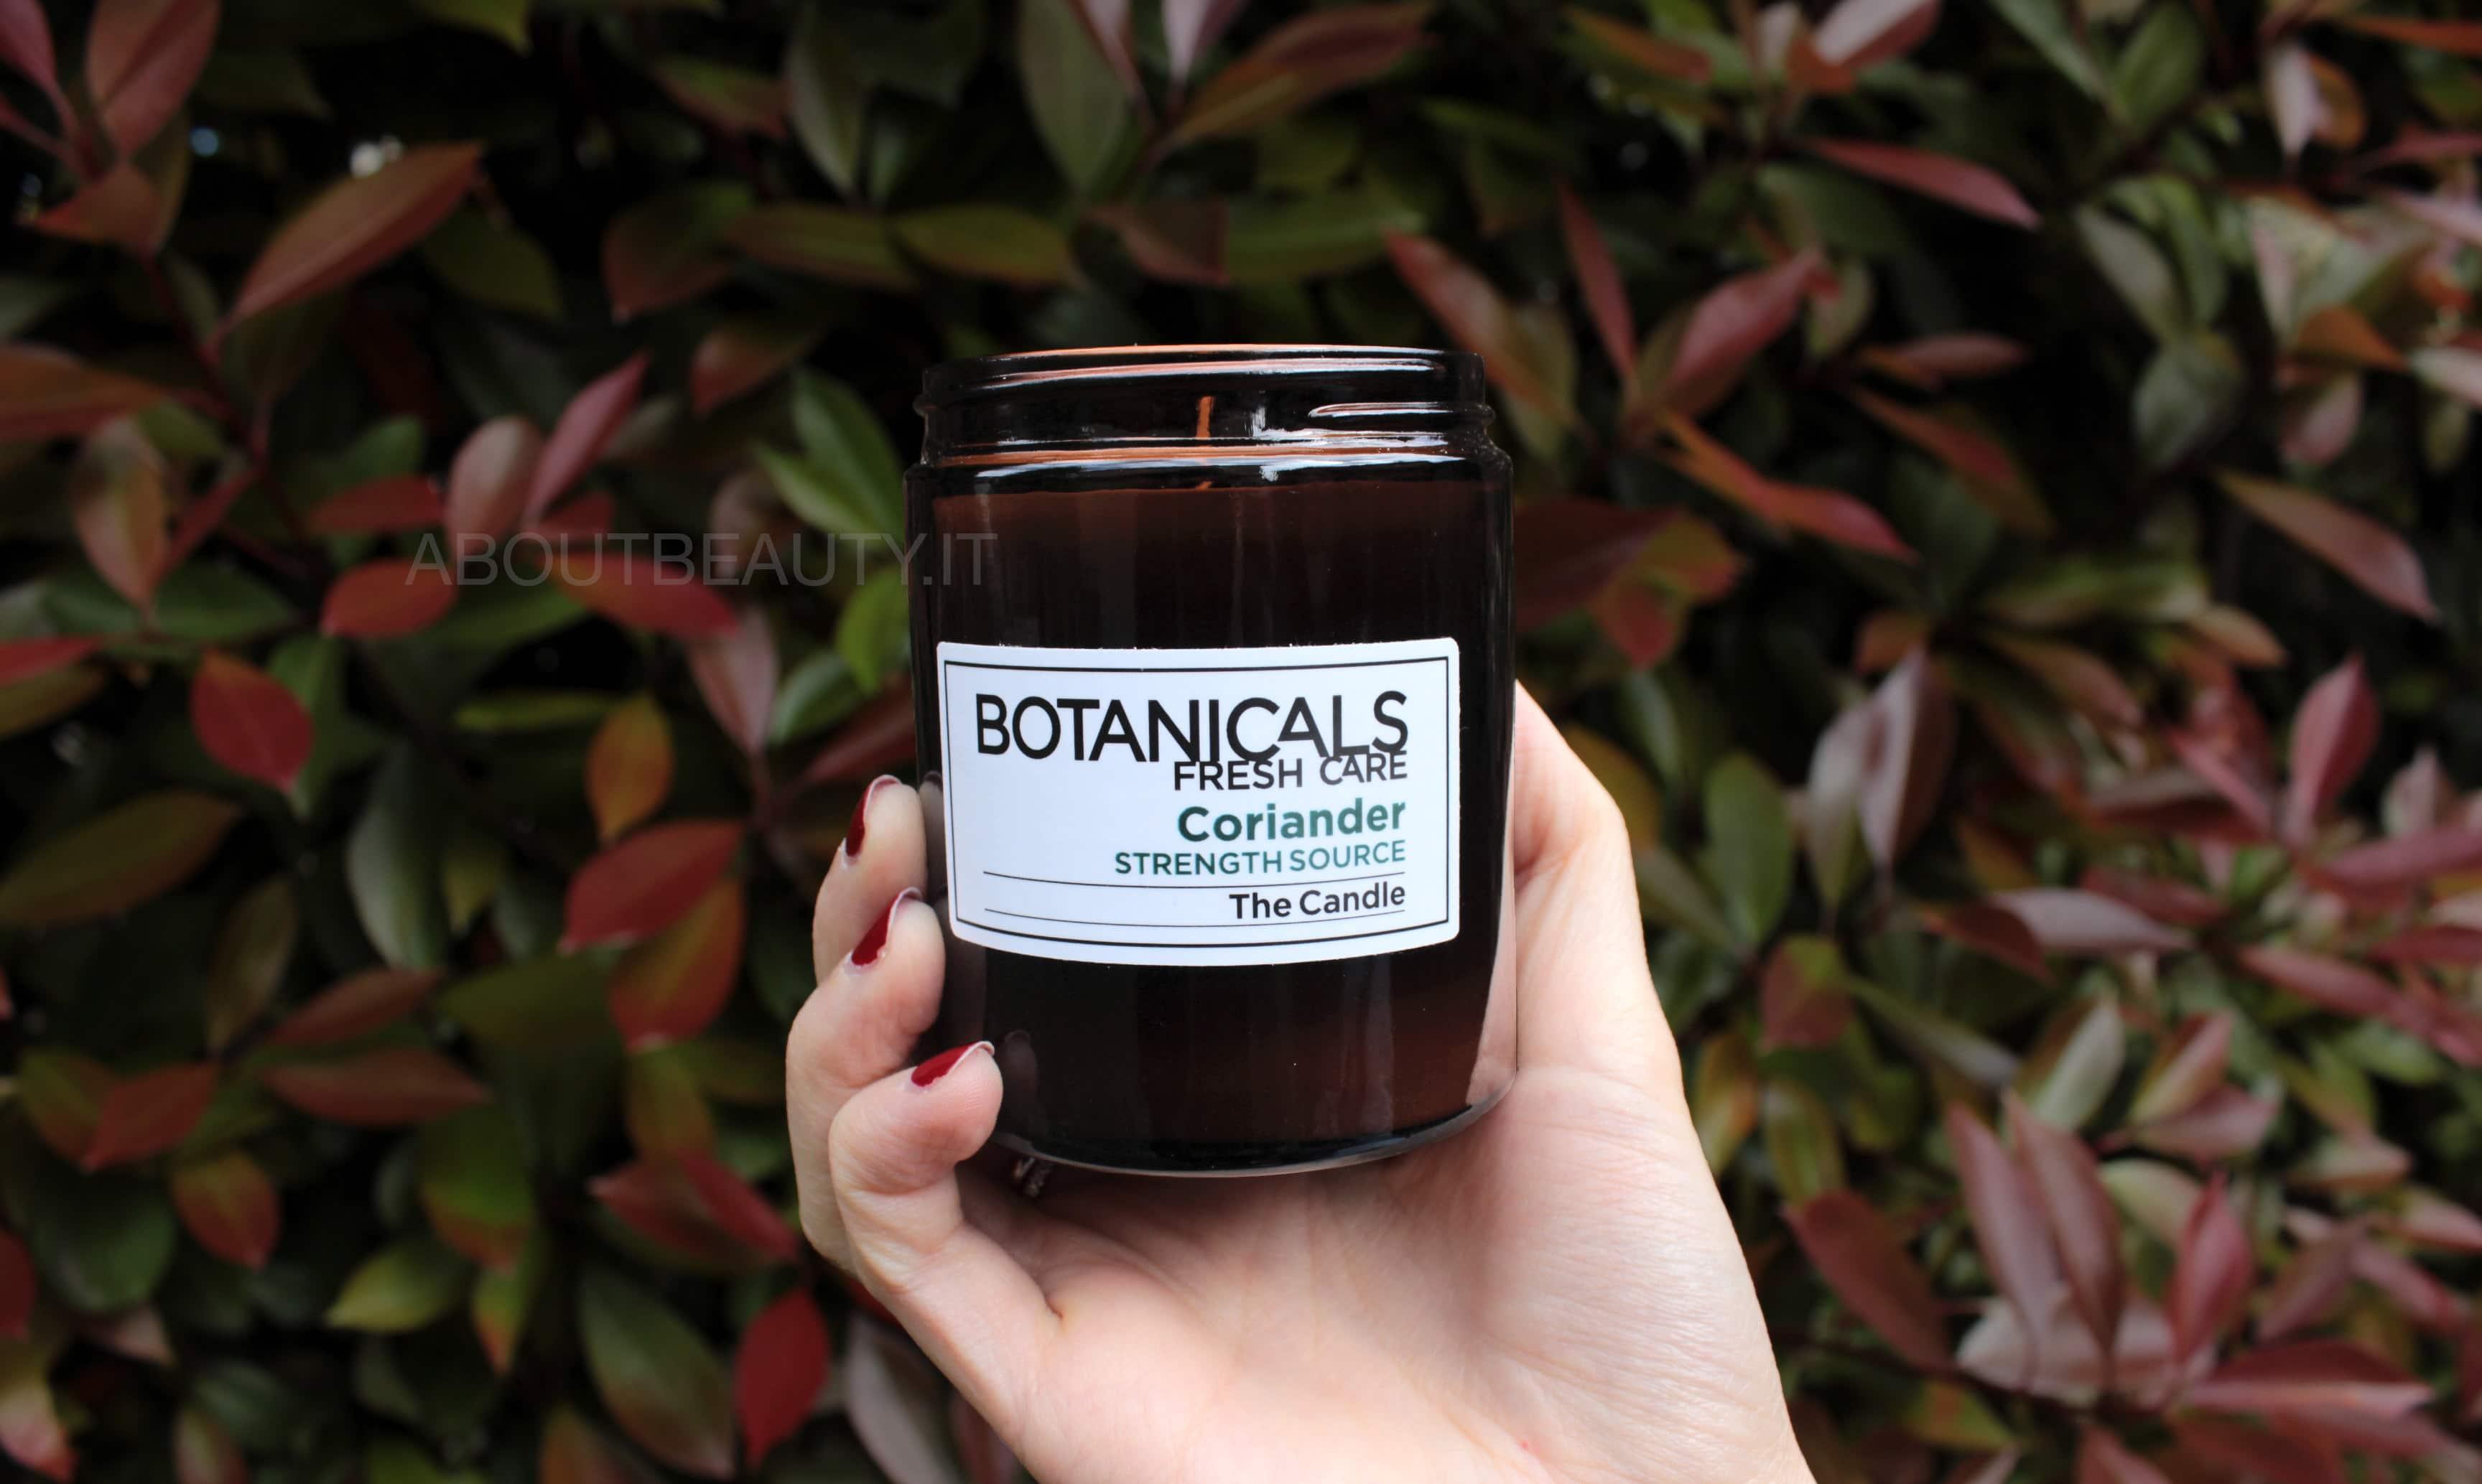 L'Oreal Botanicals Fresh Care, la linea al Cartamo per capelli secchi - La candela profumata al coriandolo